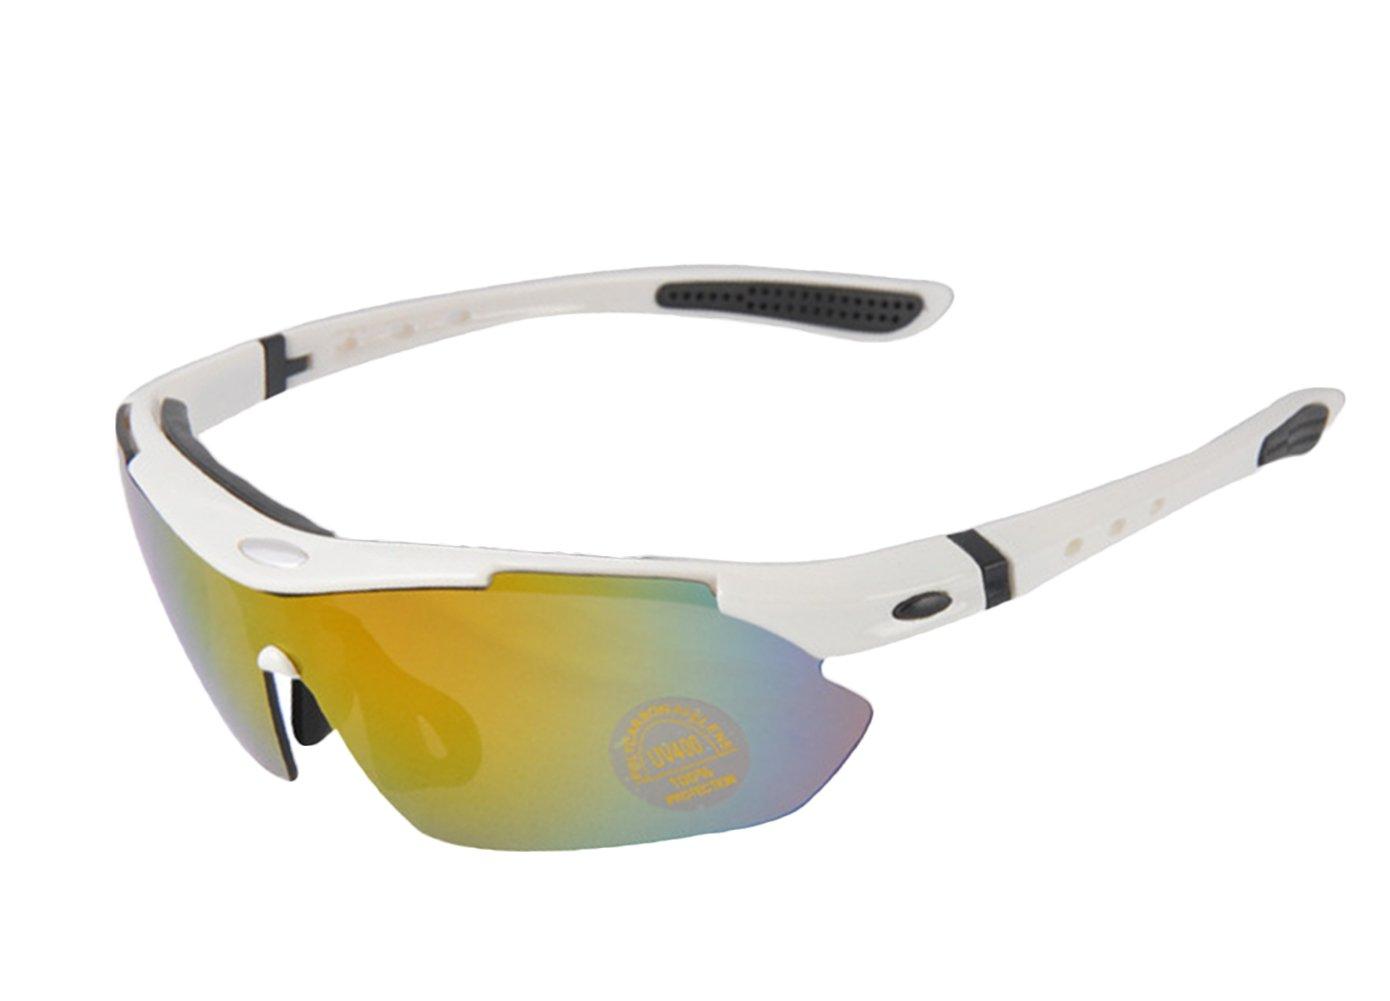 Insun Outdoor ciclismo sport occhiali da sole polarizzati 5Pack (4PC, lenti 1TAC), Uomo, Blue